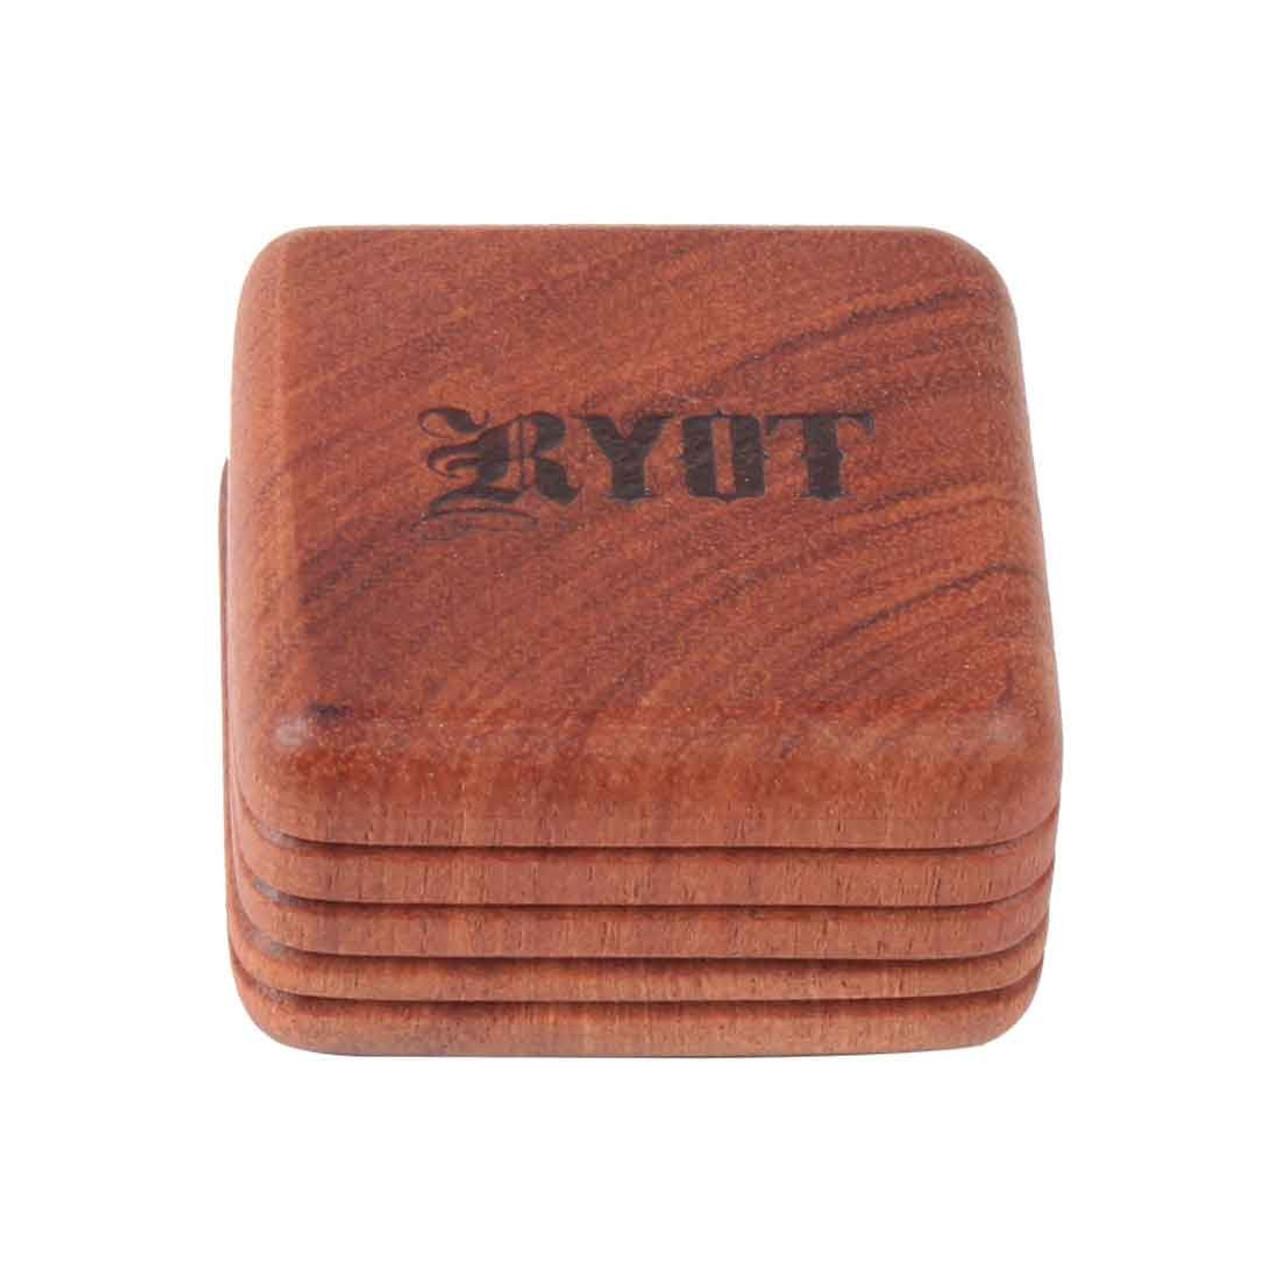 RYOT 1905 Rosewood SLIM Grinder